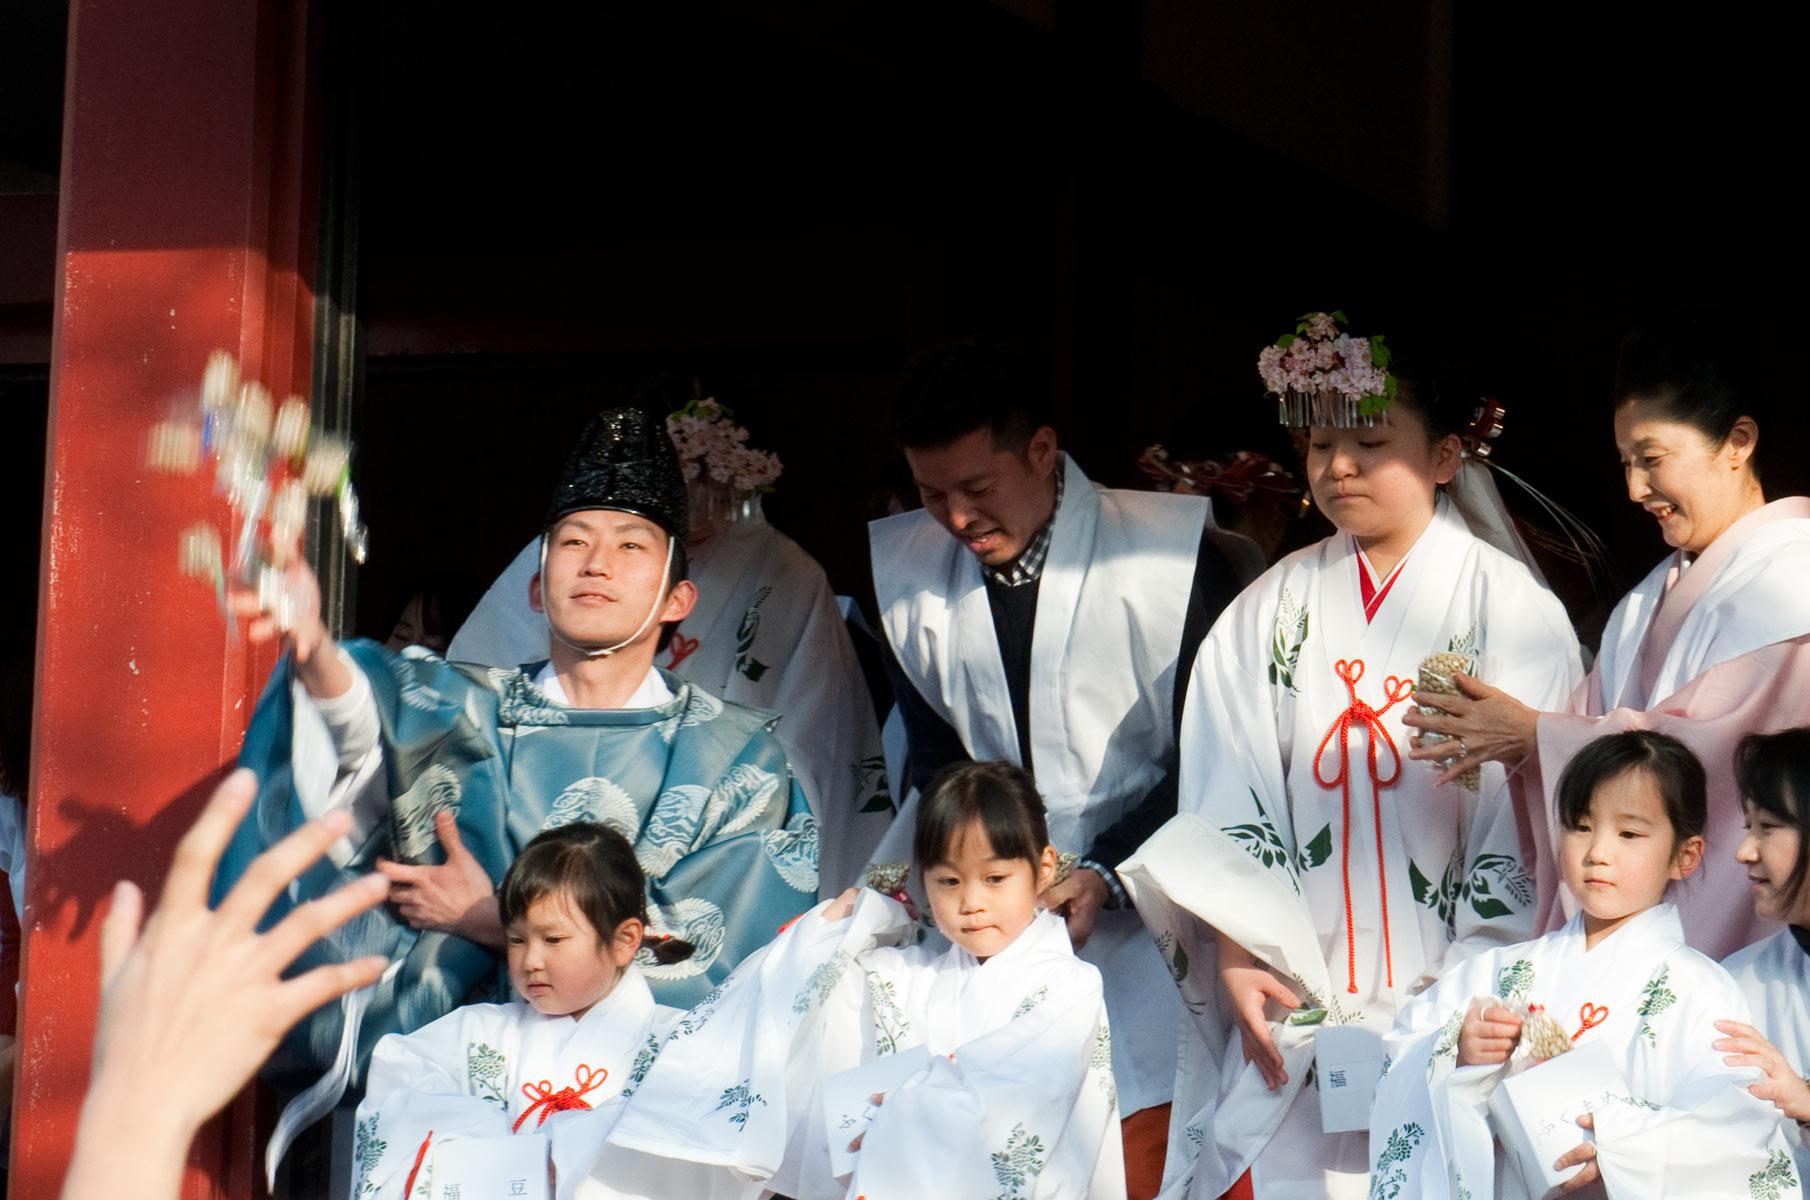 Bohnenwerfen zum Setsubun Fest am Sensoji Tempel in Tokyo, Japan